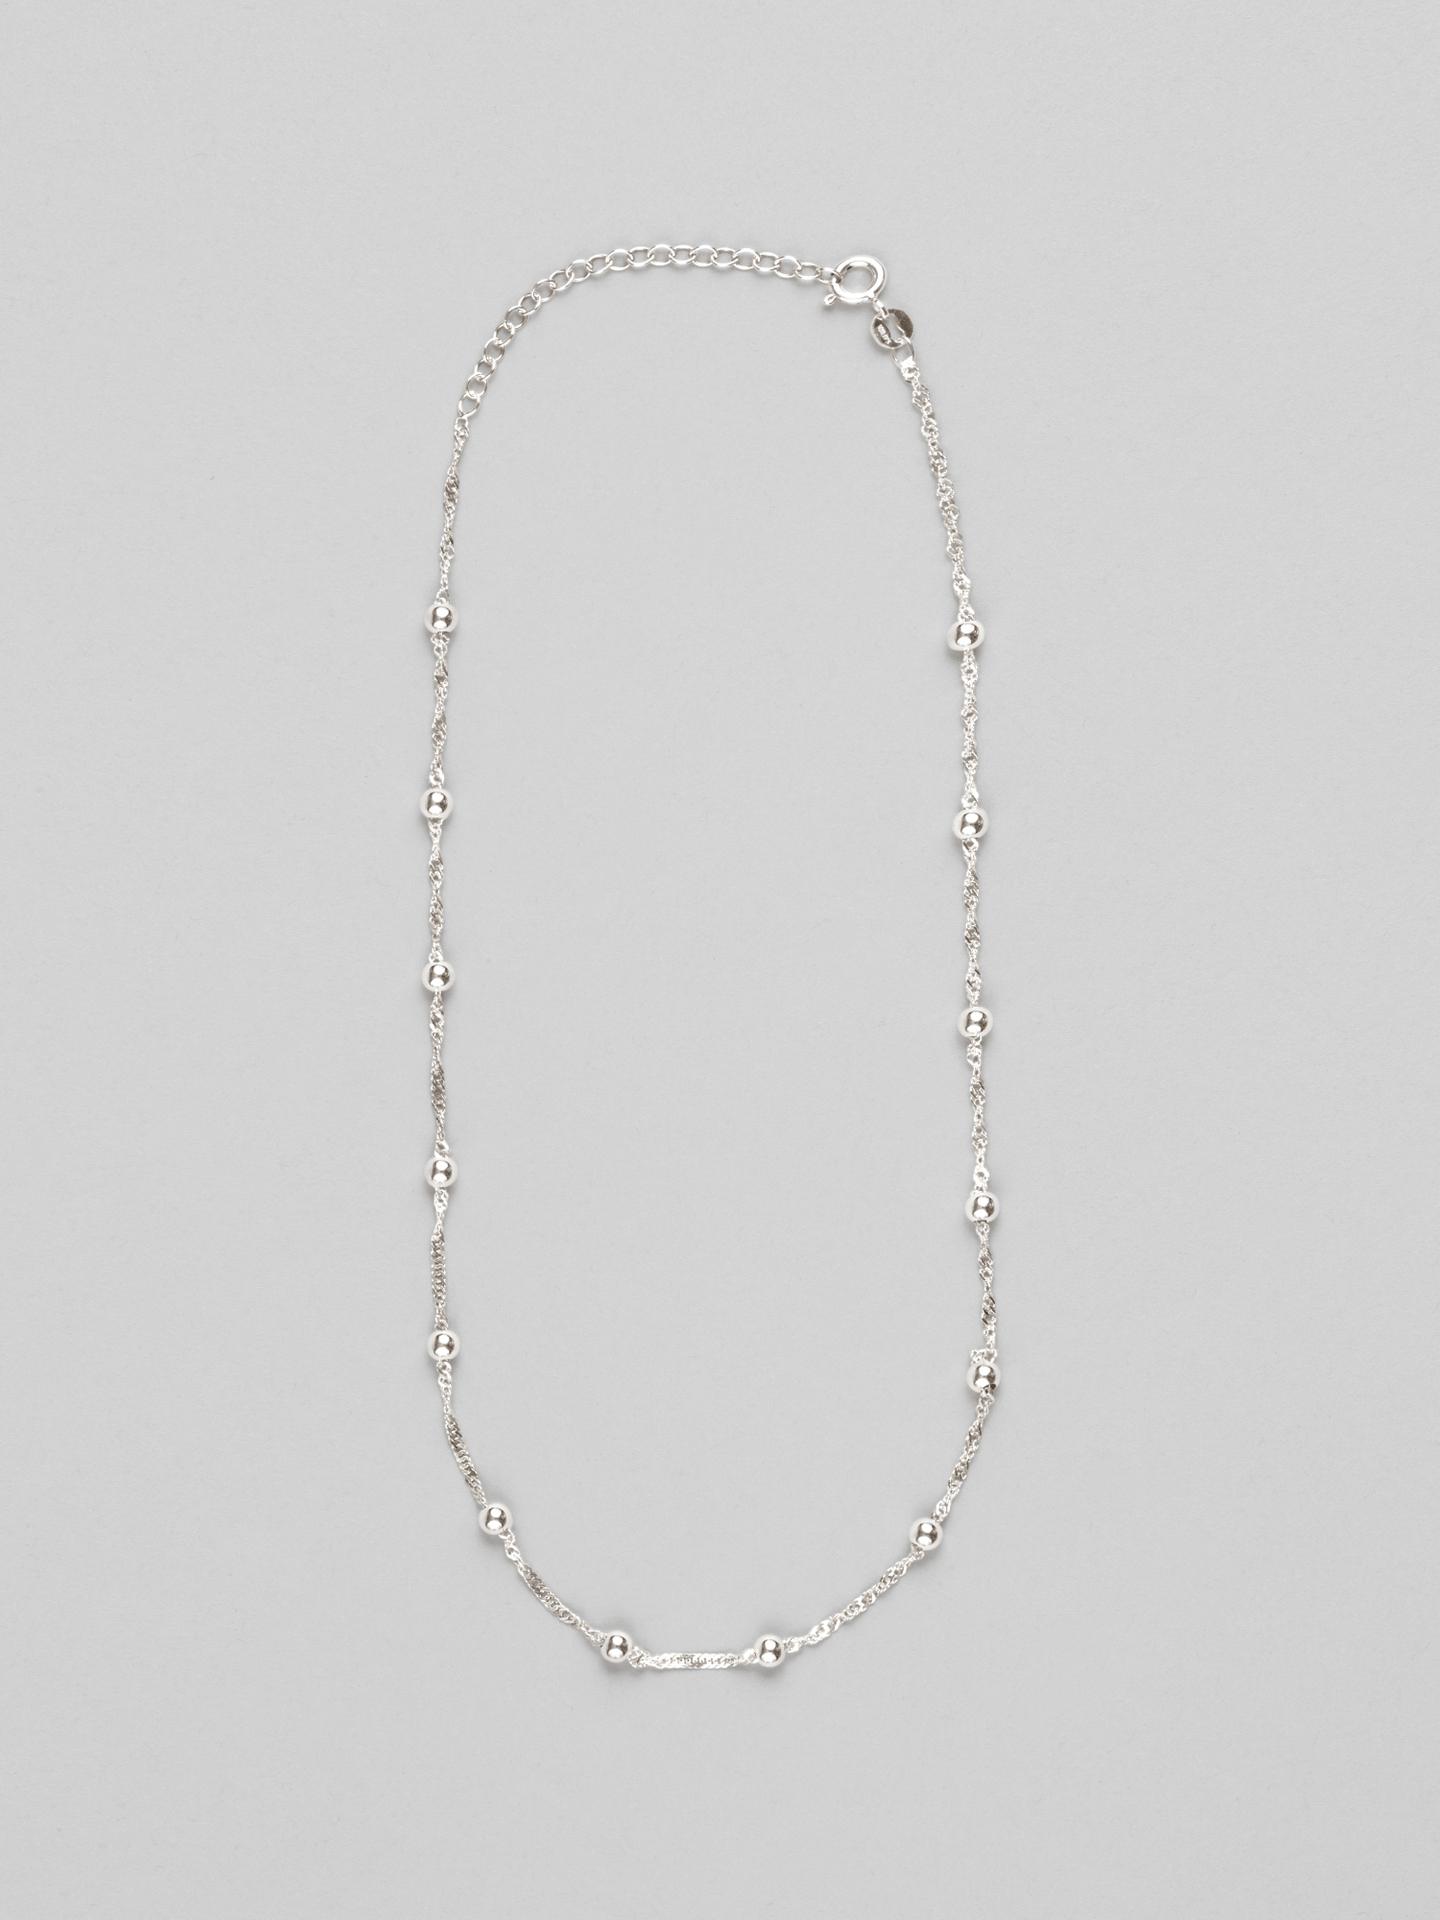 Positano Chain Necklace